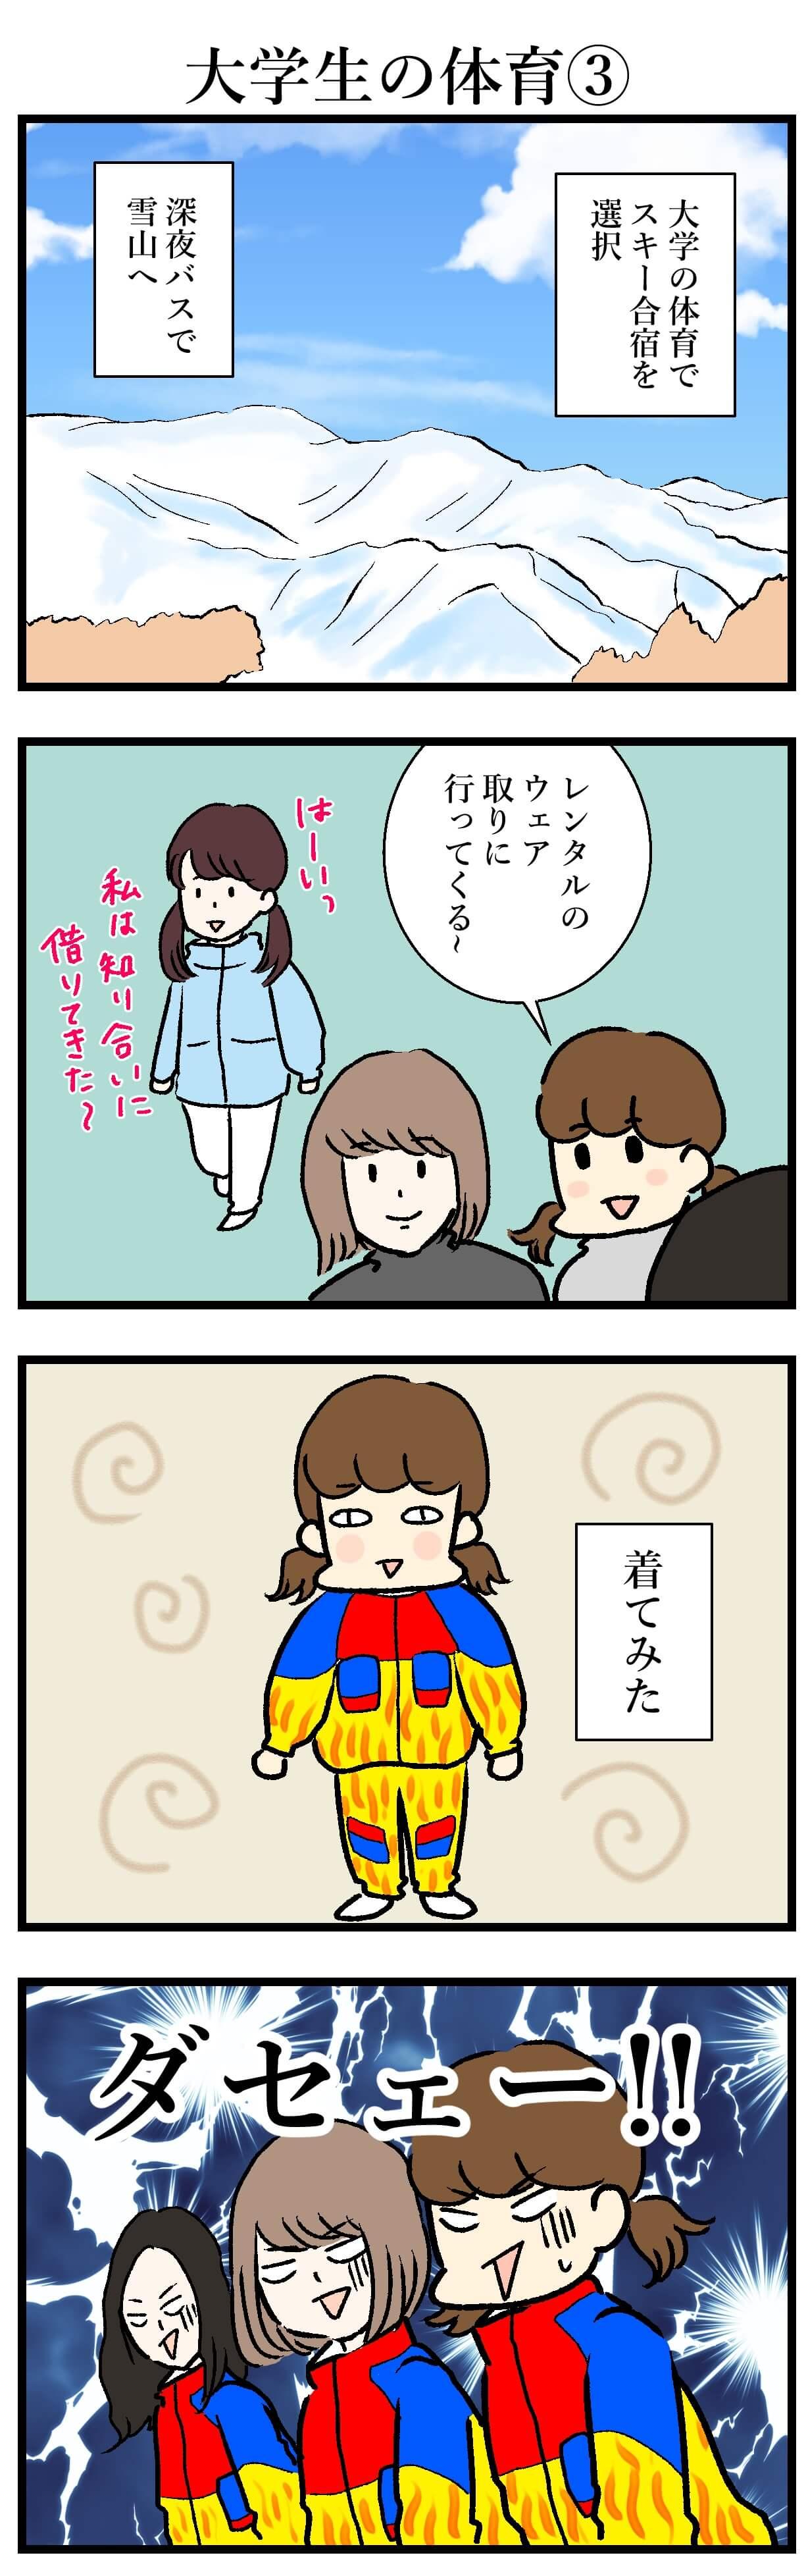 【エッセイ漫画】アラサー主婦くま子のふがいない日常(96)